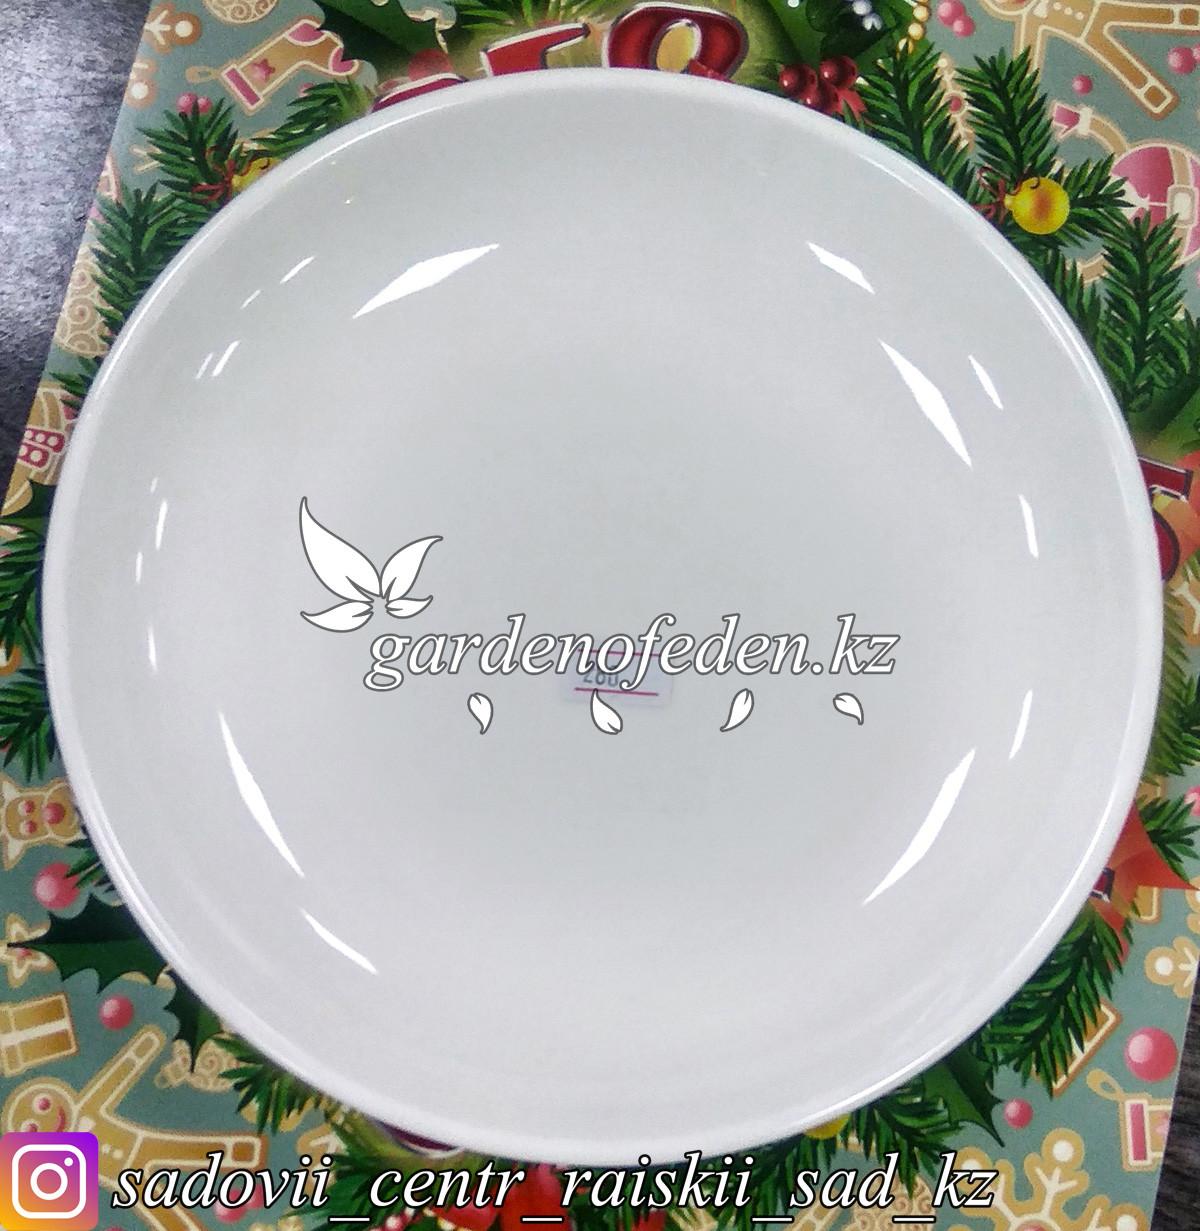 Тарелка обеденная, средняя. Цвет: Белый. Материал: Керамика.